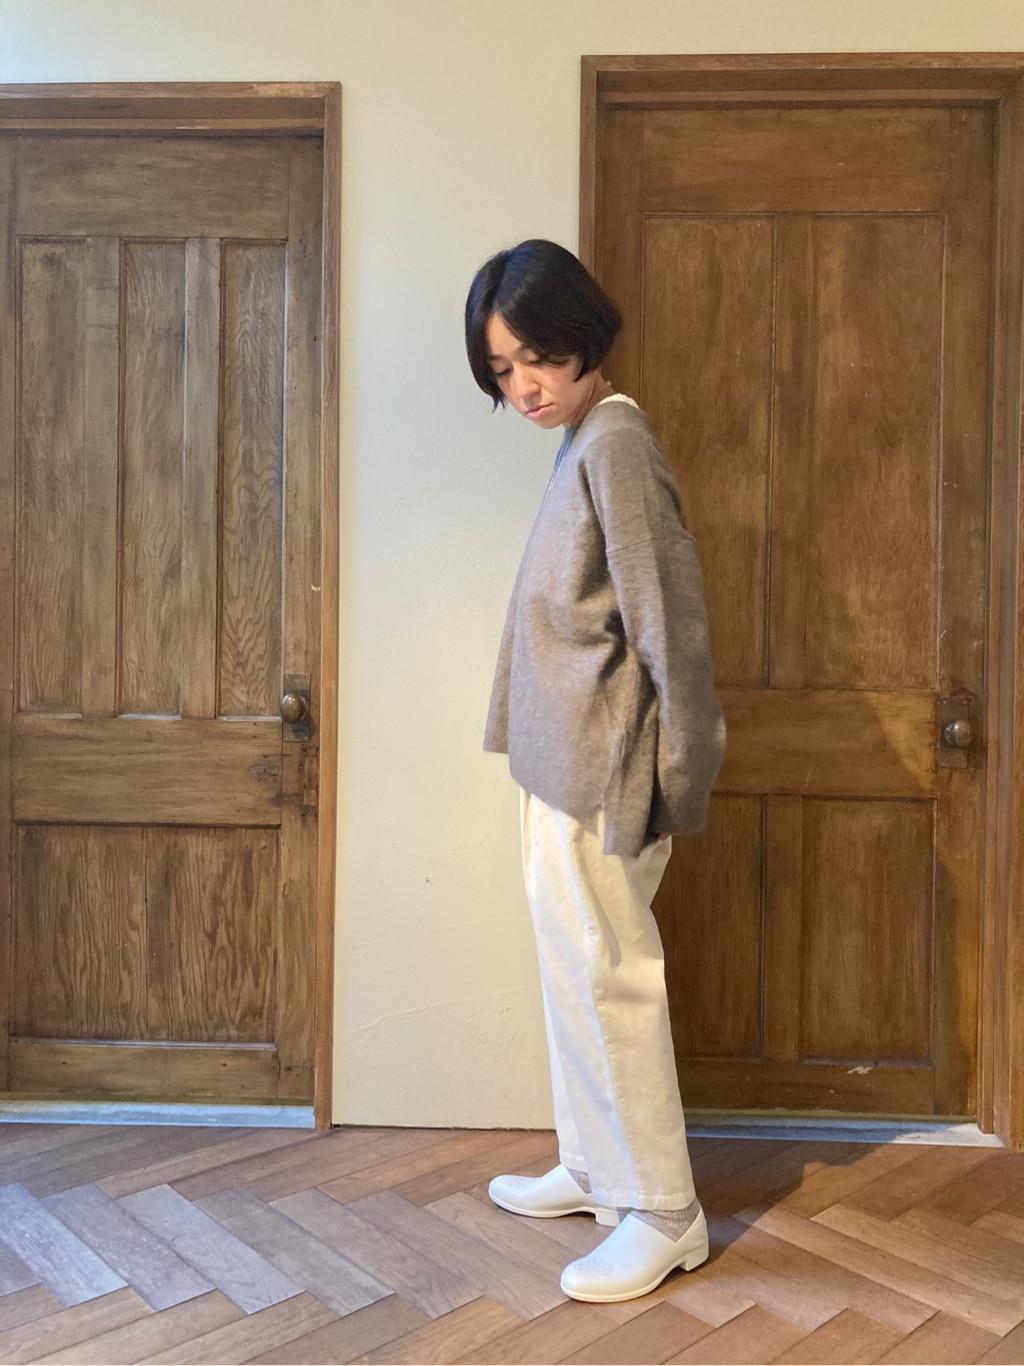 yuni 京都路面 身長:152cm 2020.11.12